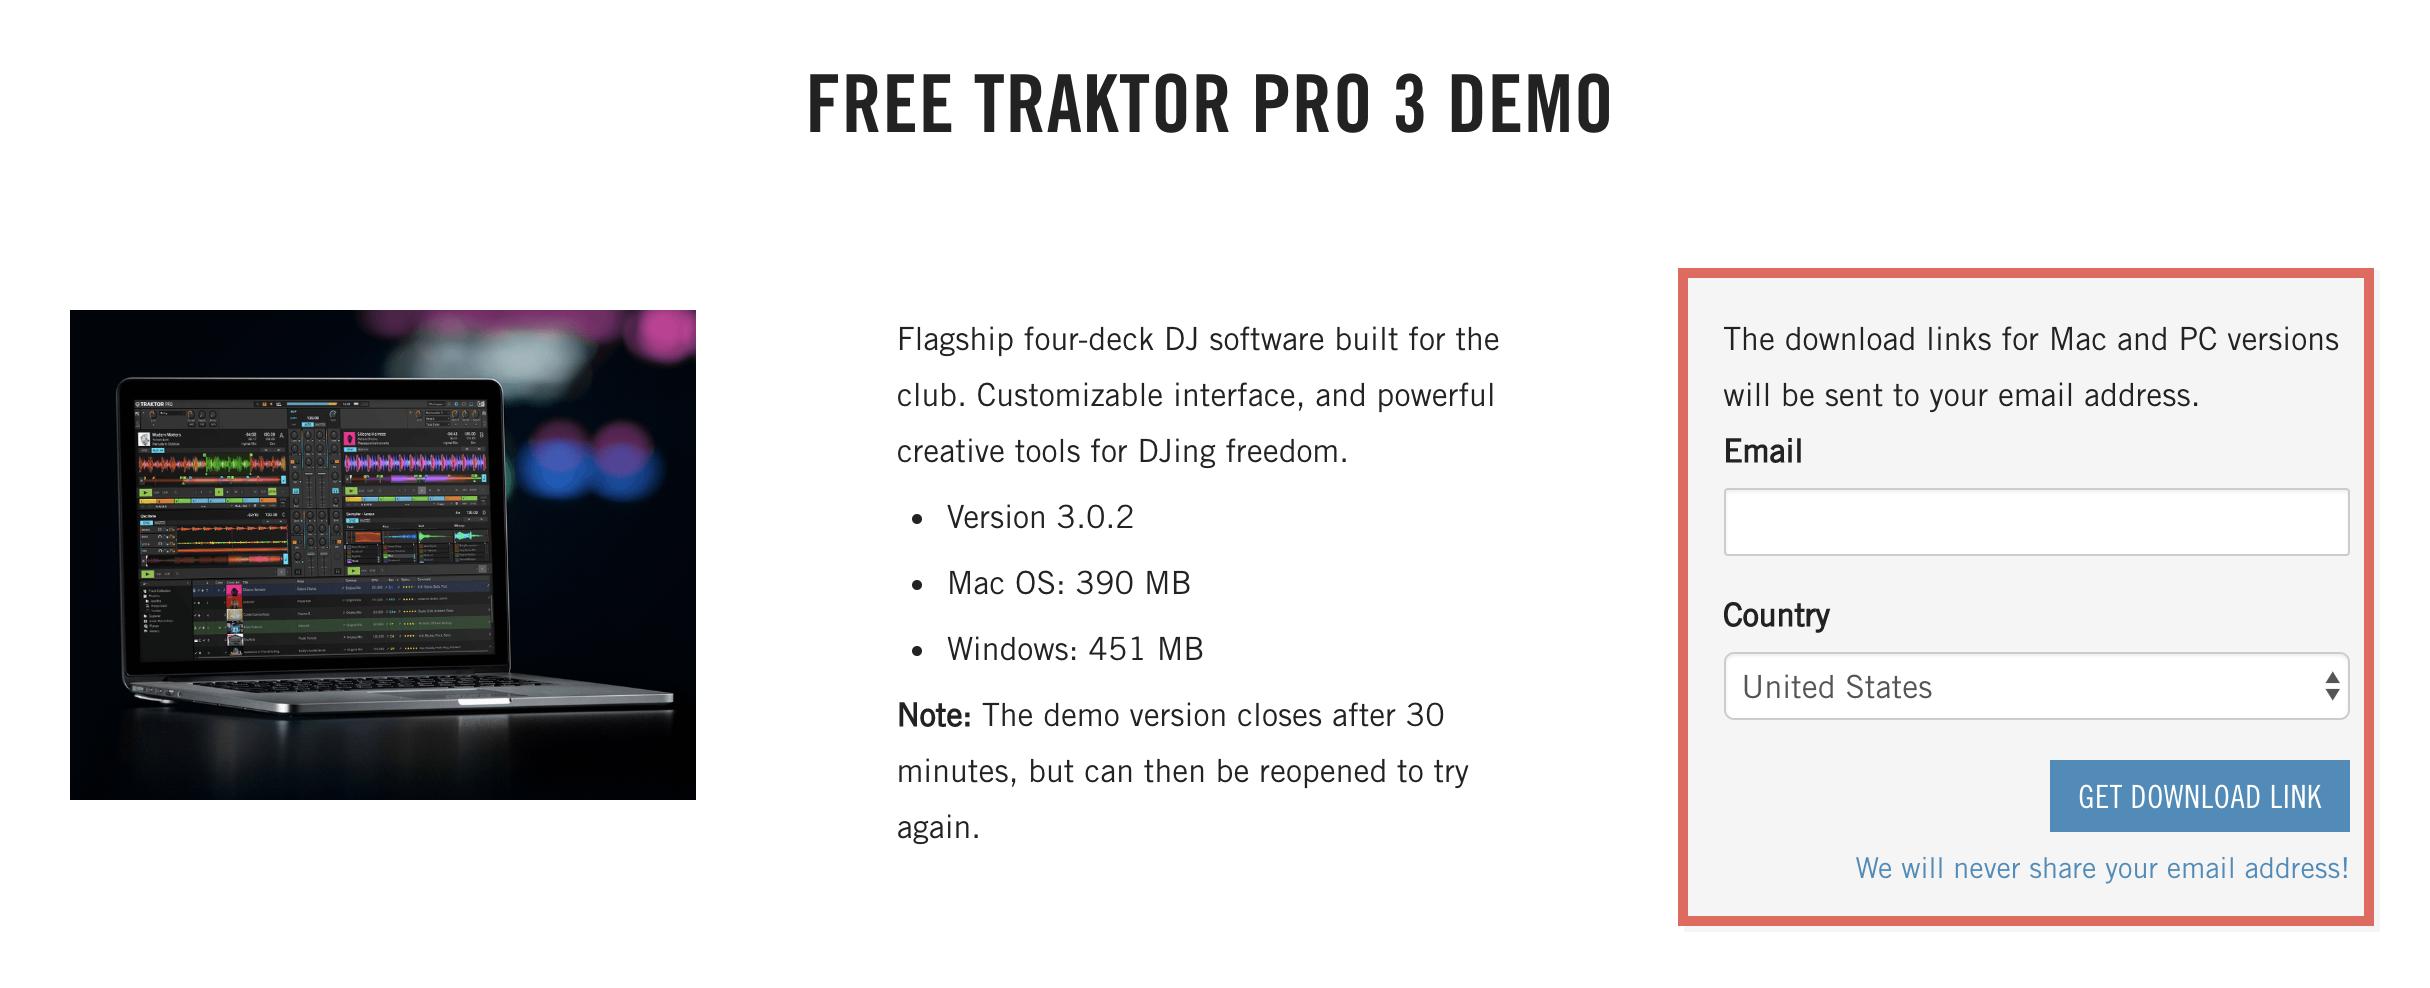 traktor pro 2 download link